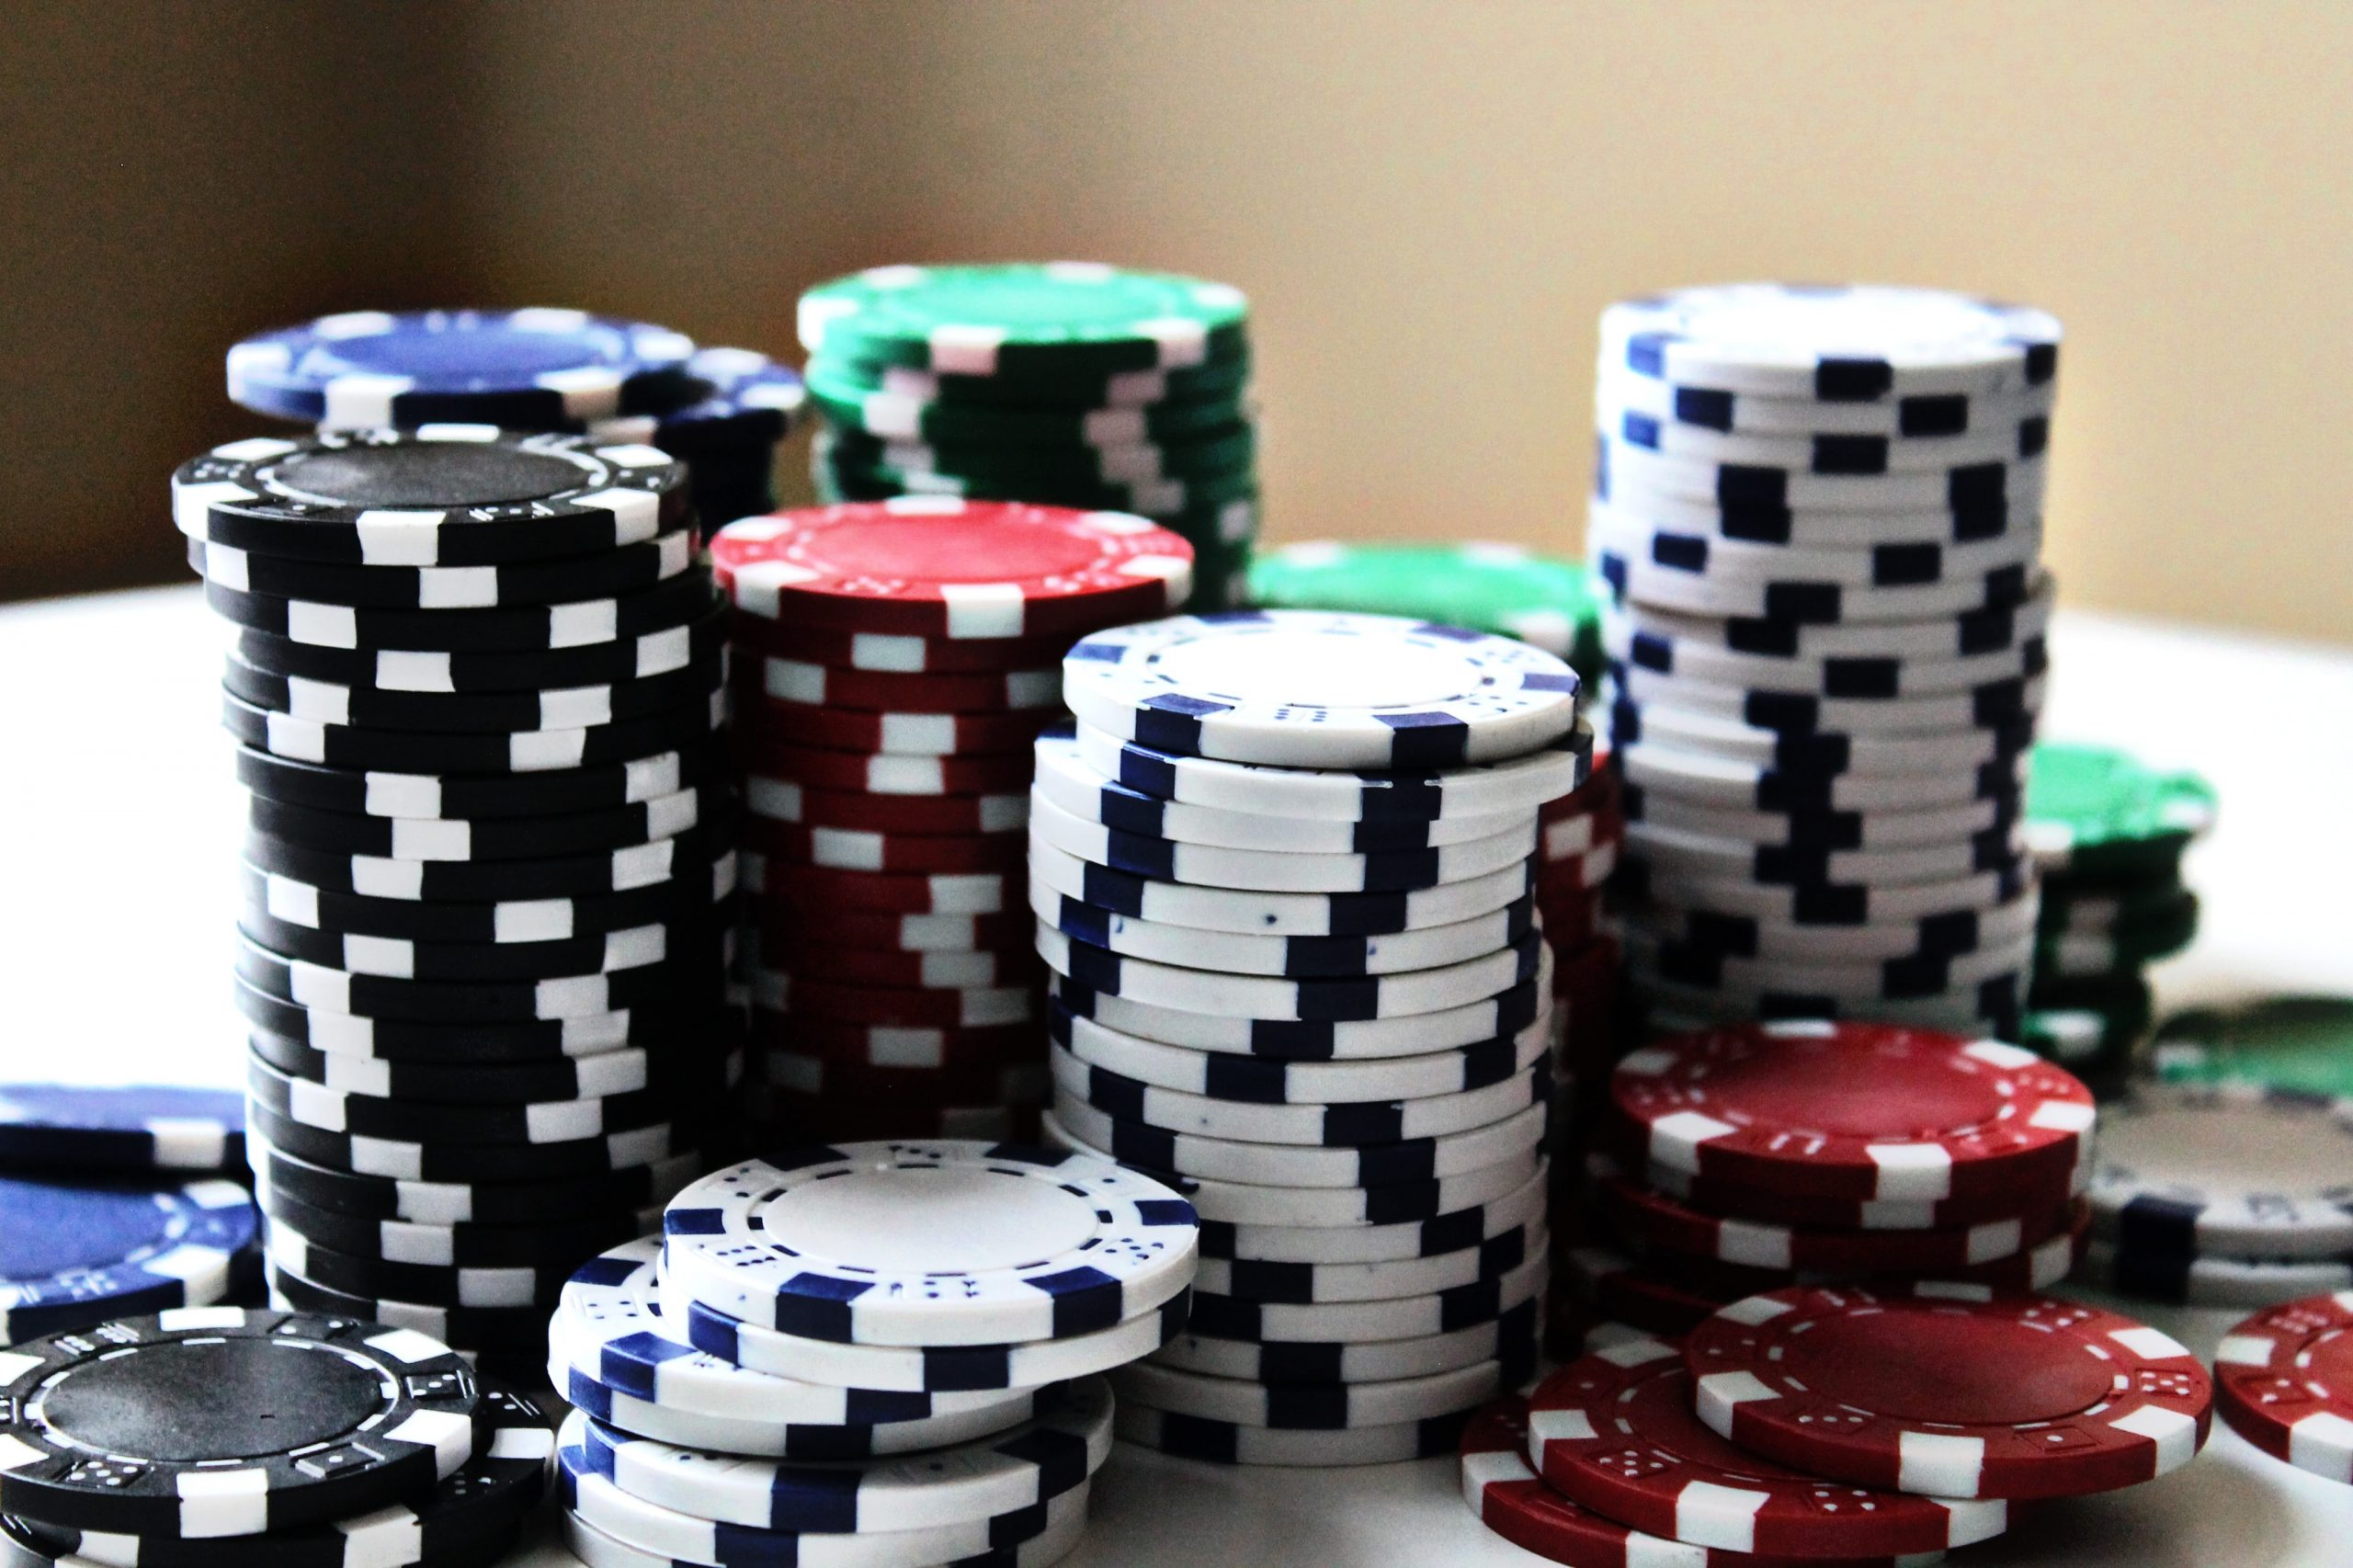 About Situs Judi (Gambling Internet Sites )